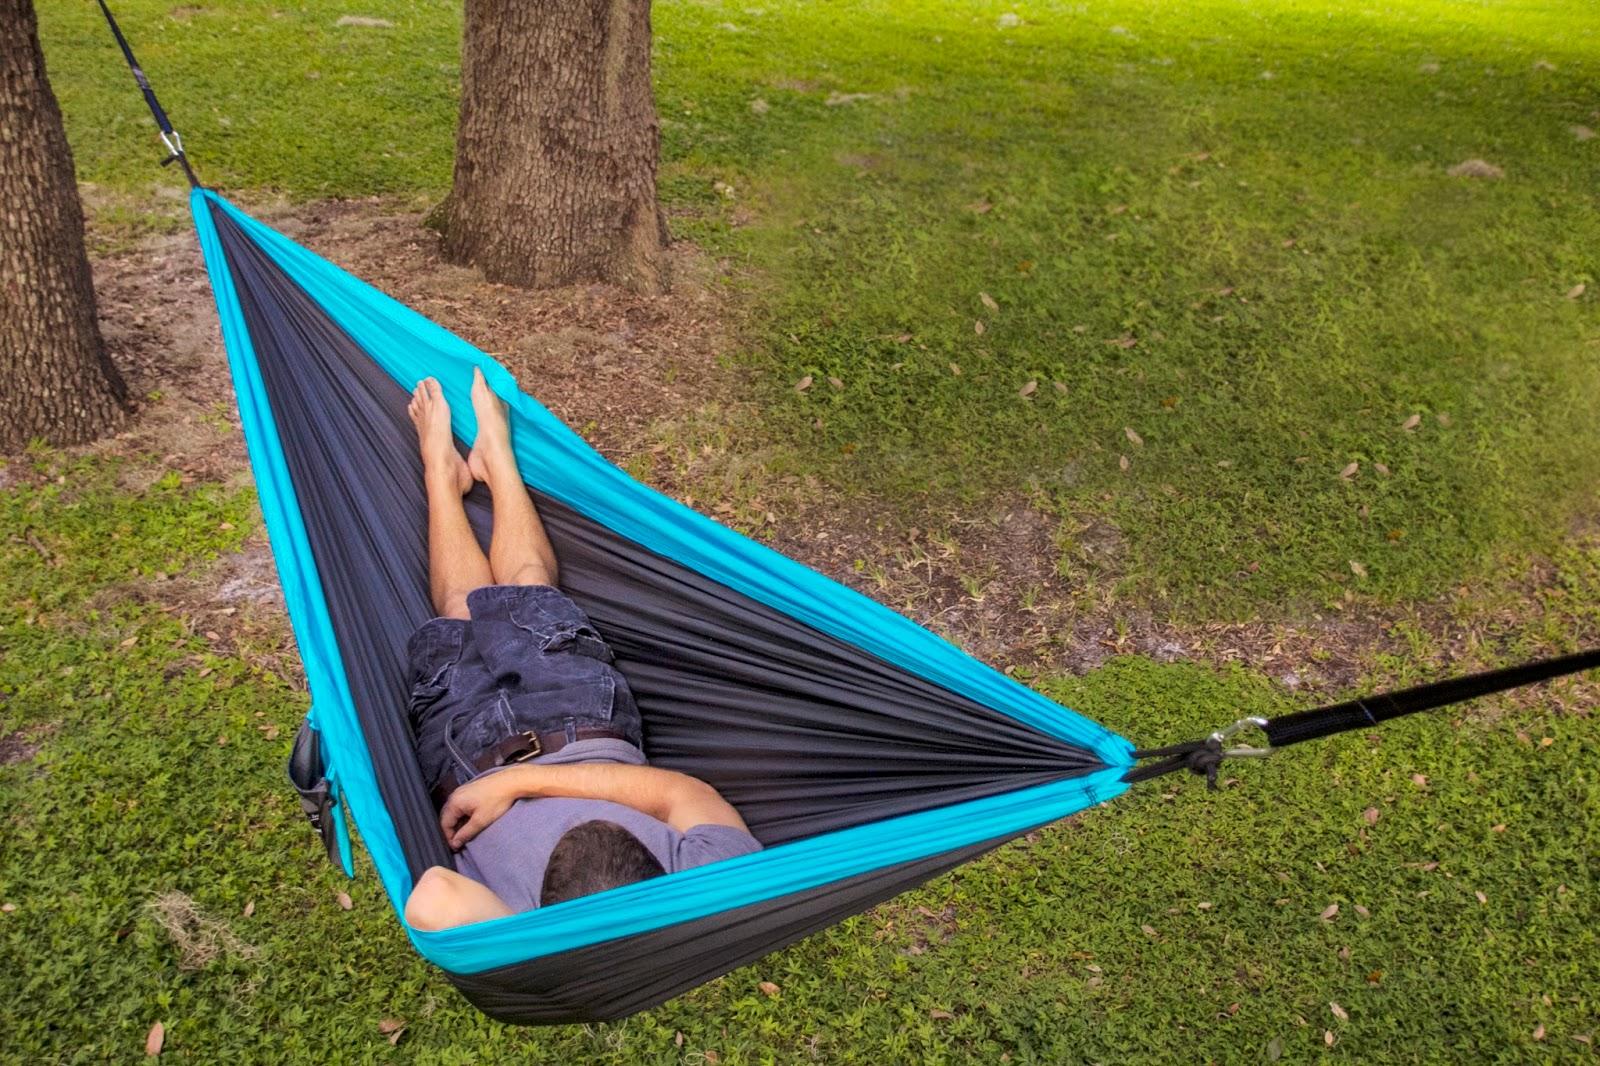 fort live infinitely double outdoor camping hammock review   hammocks      rh   hammocksadviser